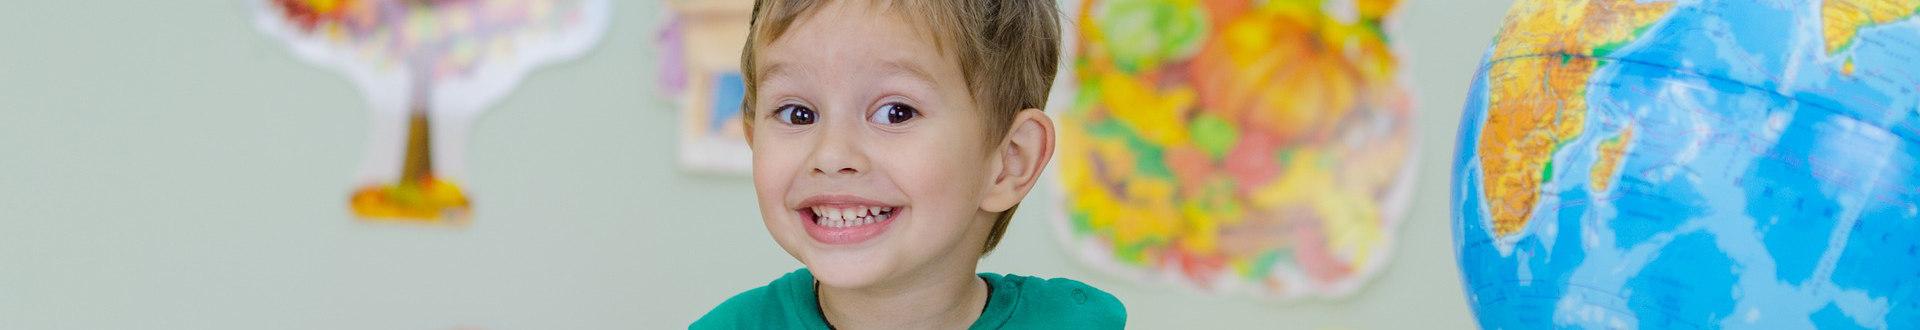 Bildungschancen hartz 4 - Hartz IV fördert ungleiche Bildungschancen